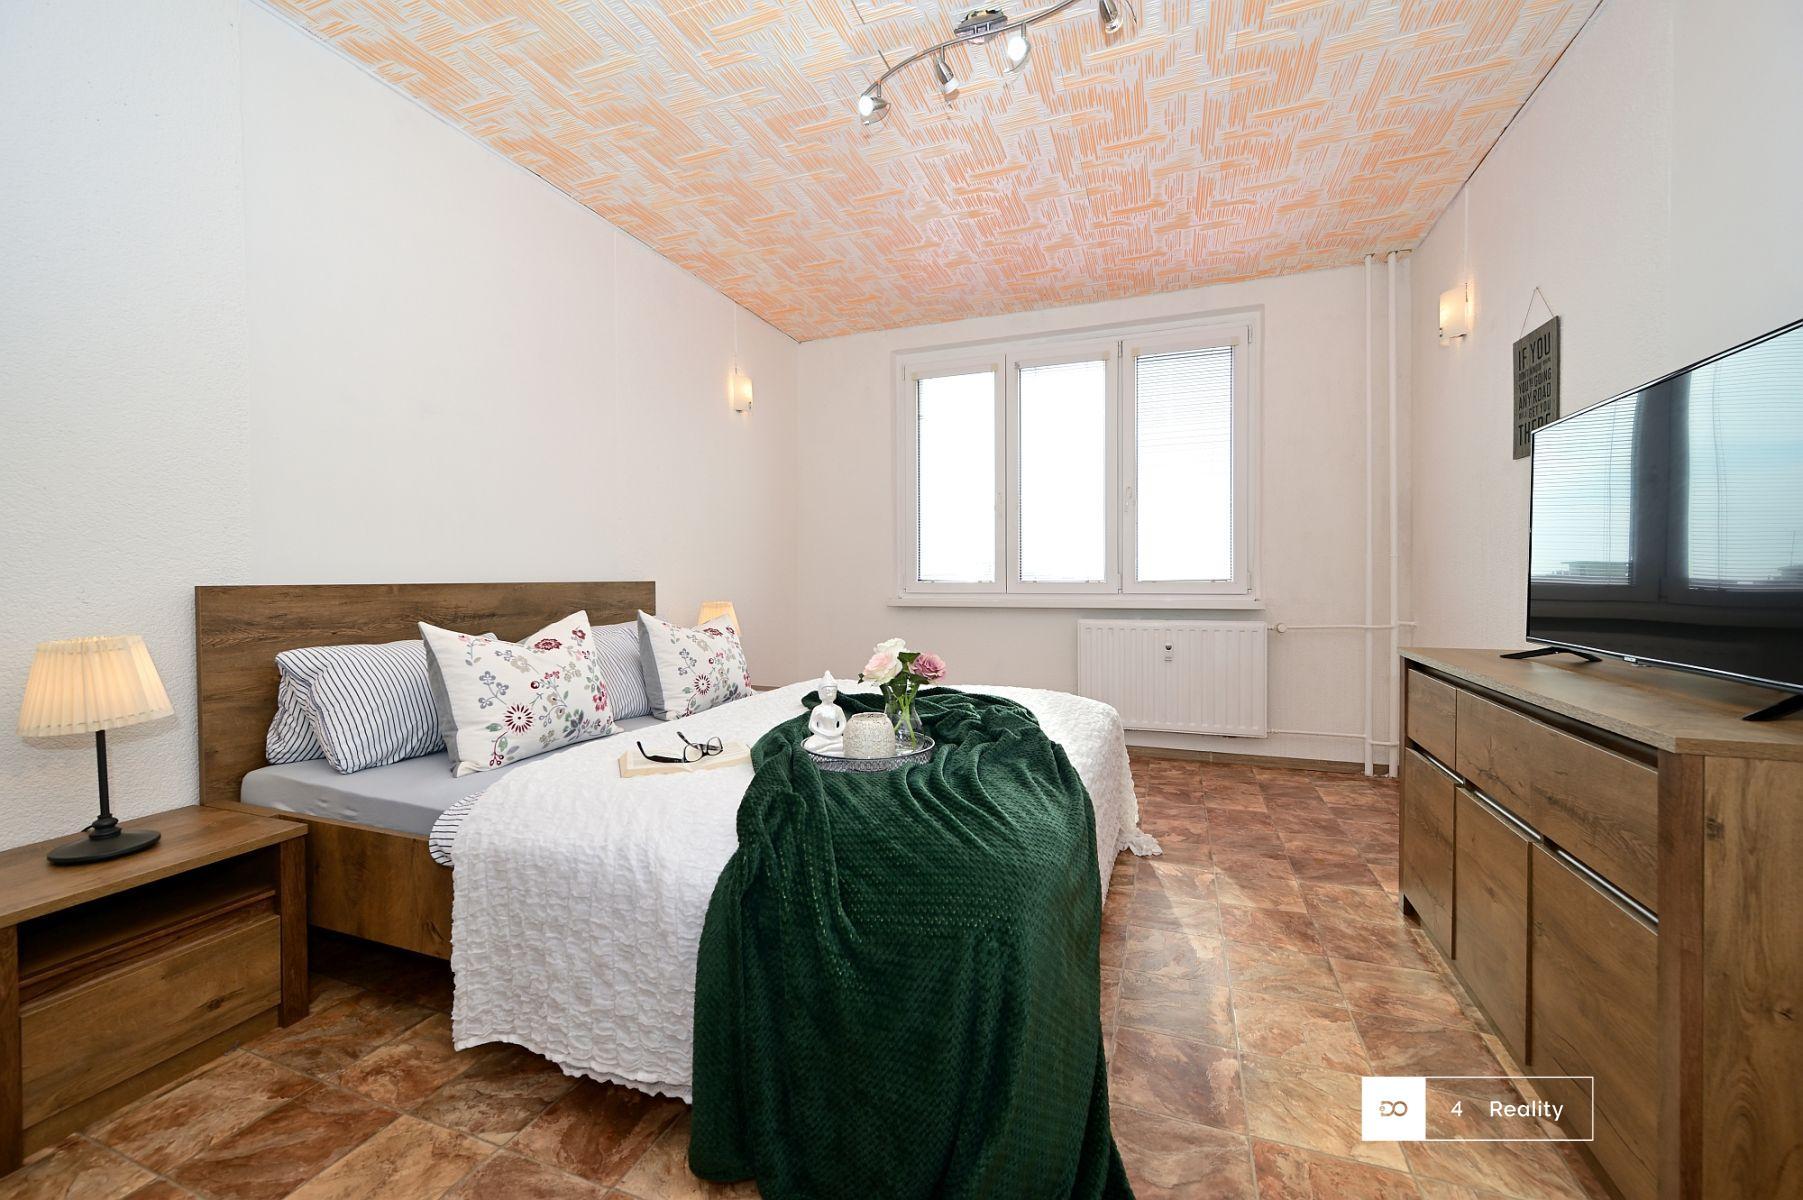 Prodej bytu 2+1, OV, 60 m2, Pod Břízami, Chomutov